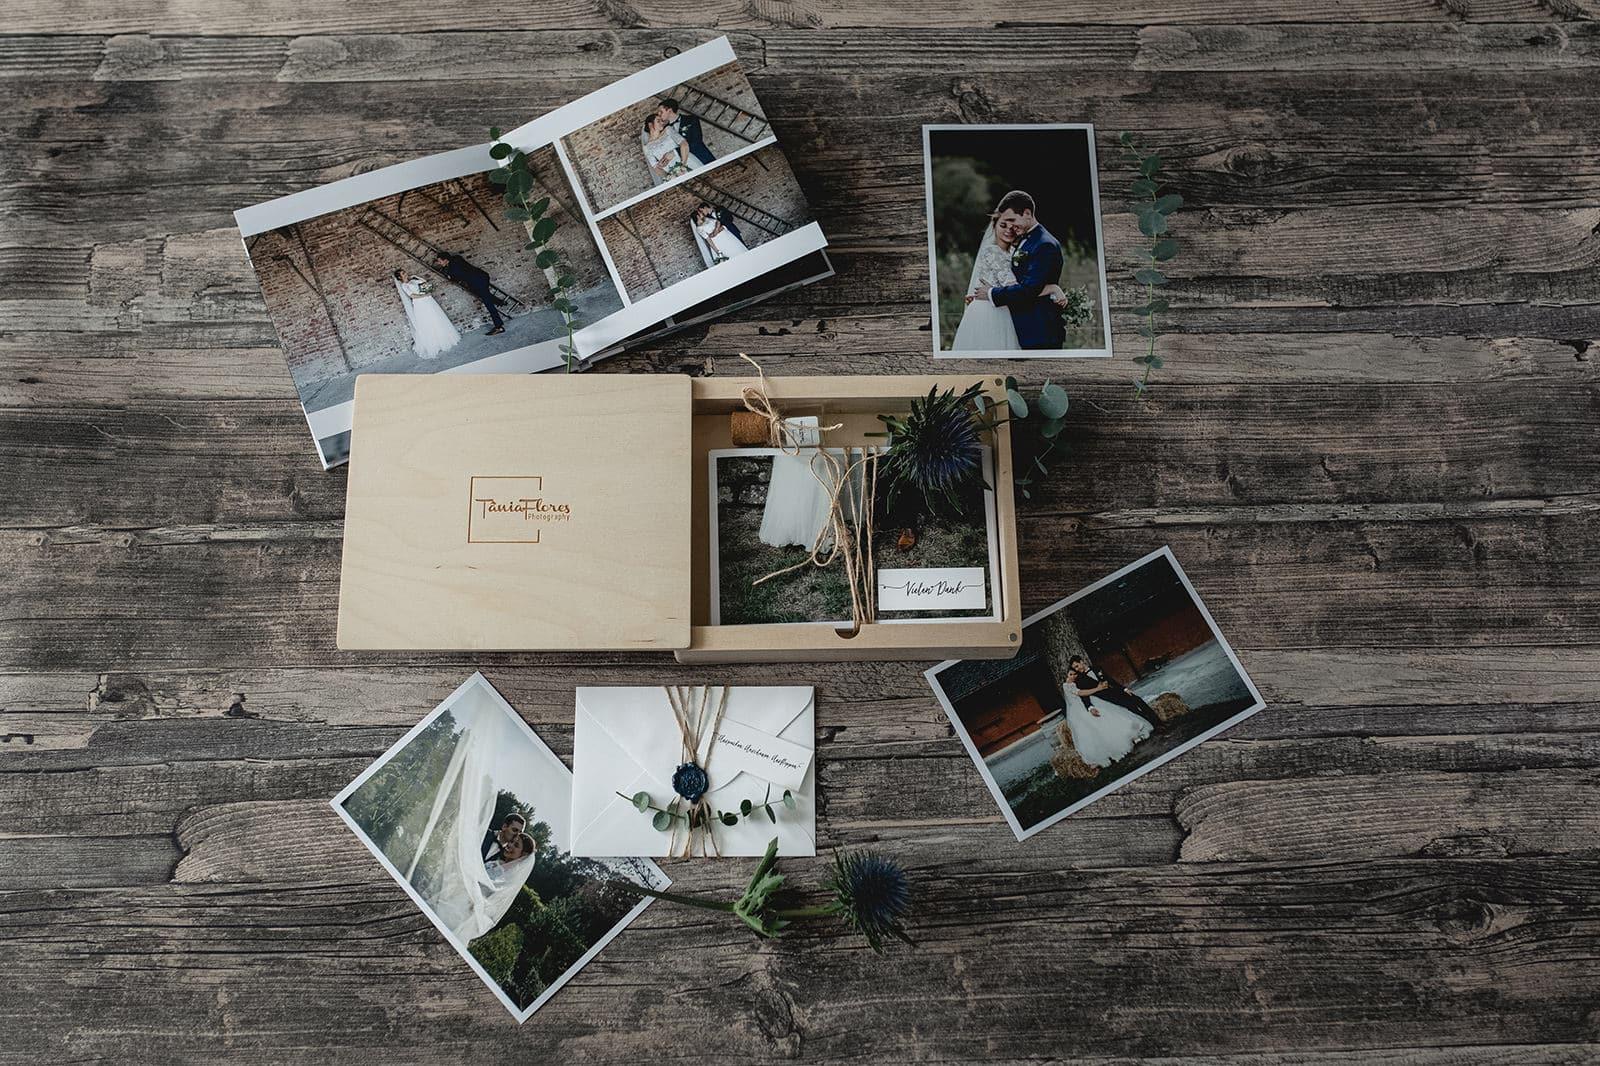 Tania-Flores-Hochzeitsfotografie-Hochzeitsbox-Hochzeitsalbum-7